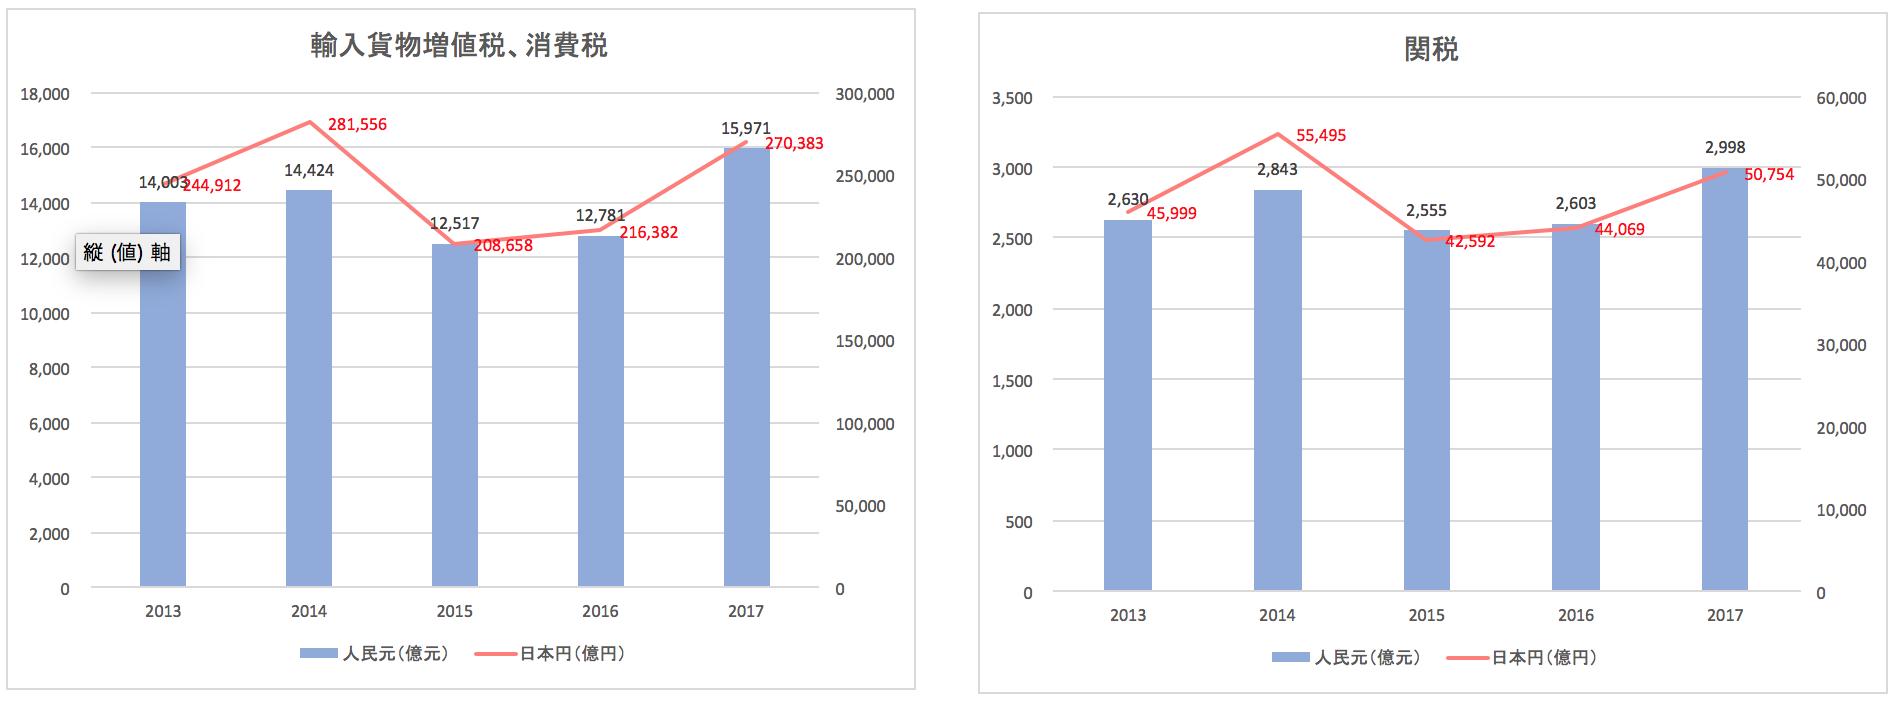 中国の税収推移(輸入貨物増値税・消費税、関税)